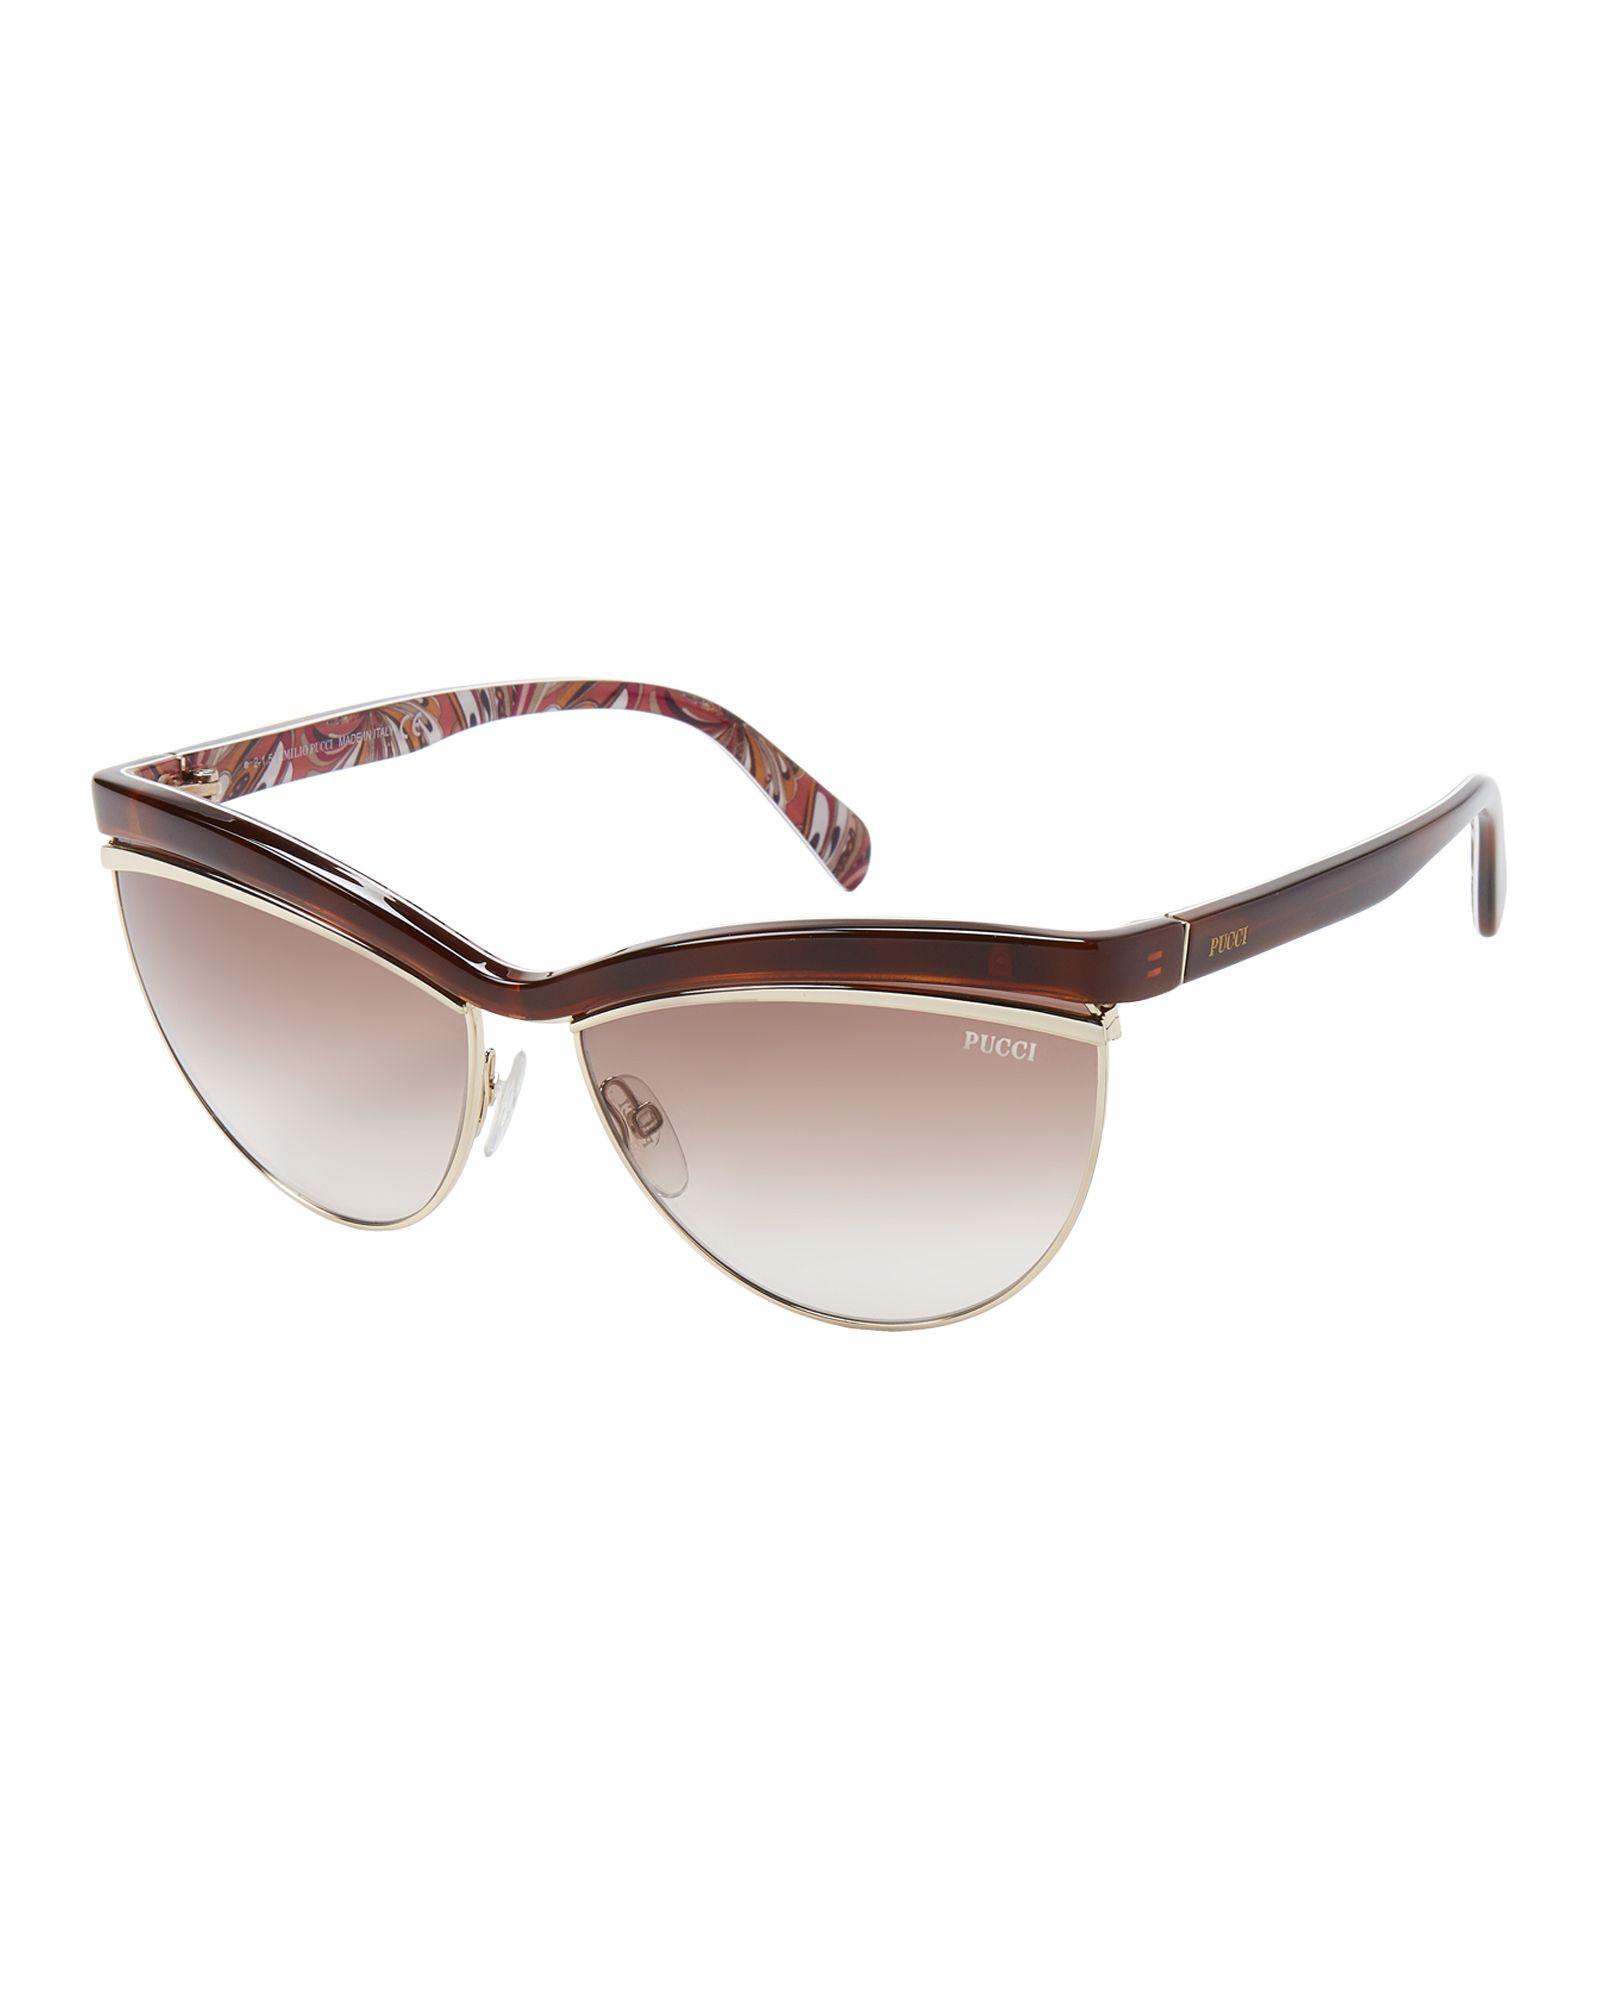 e154990a62 Emilio Pucci EP10 Dark Havana Cat Eye Sunglasses